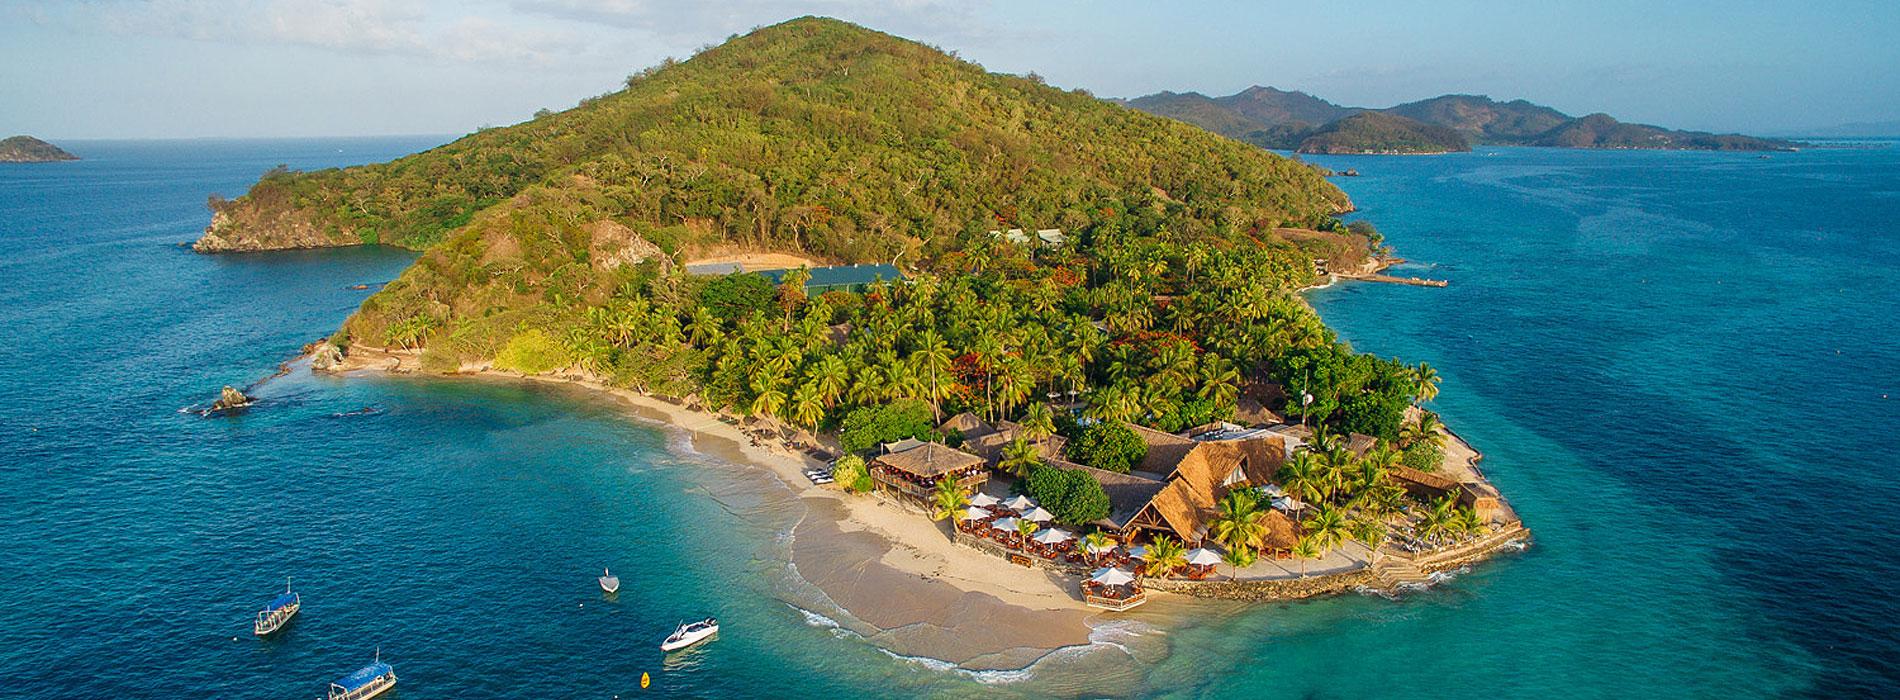 castaway fiji family holiday 2020